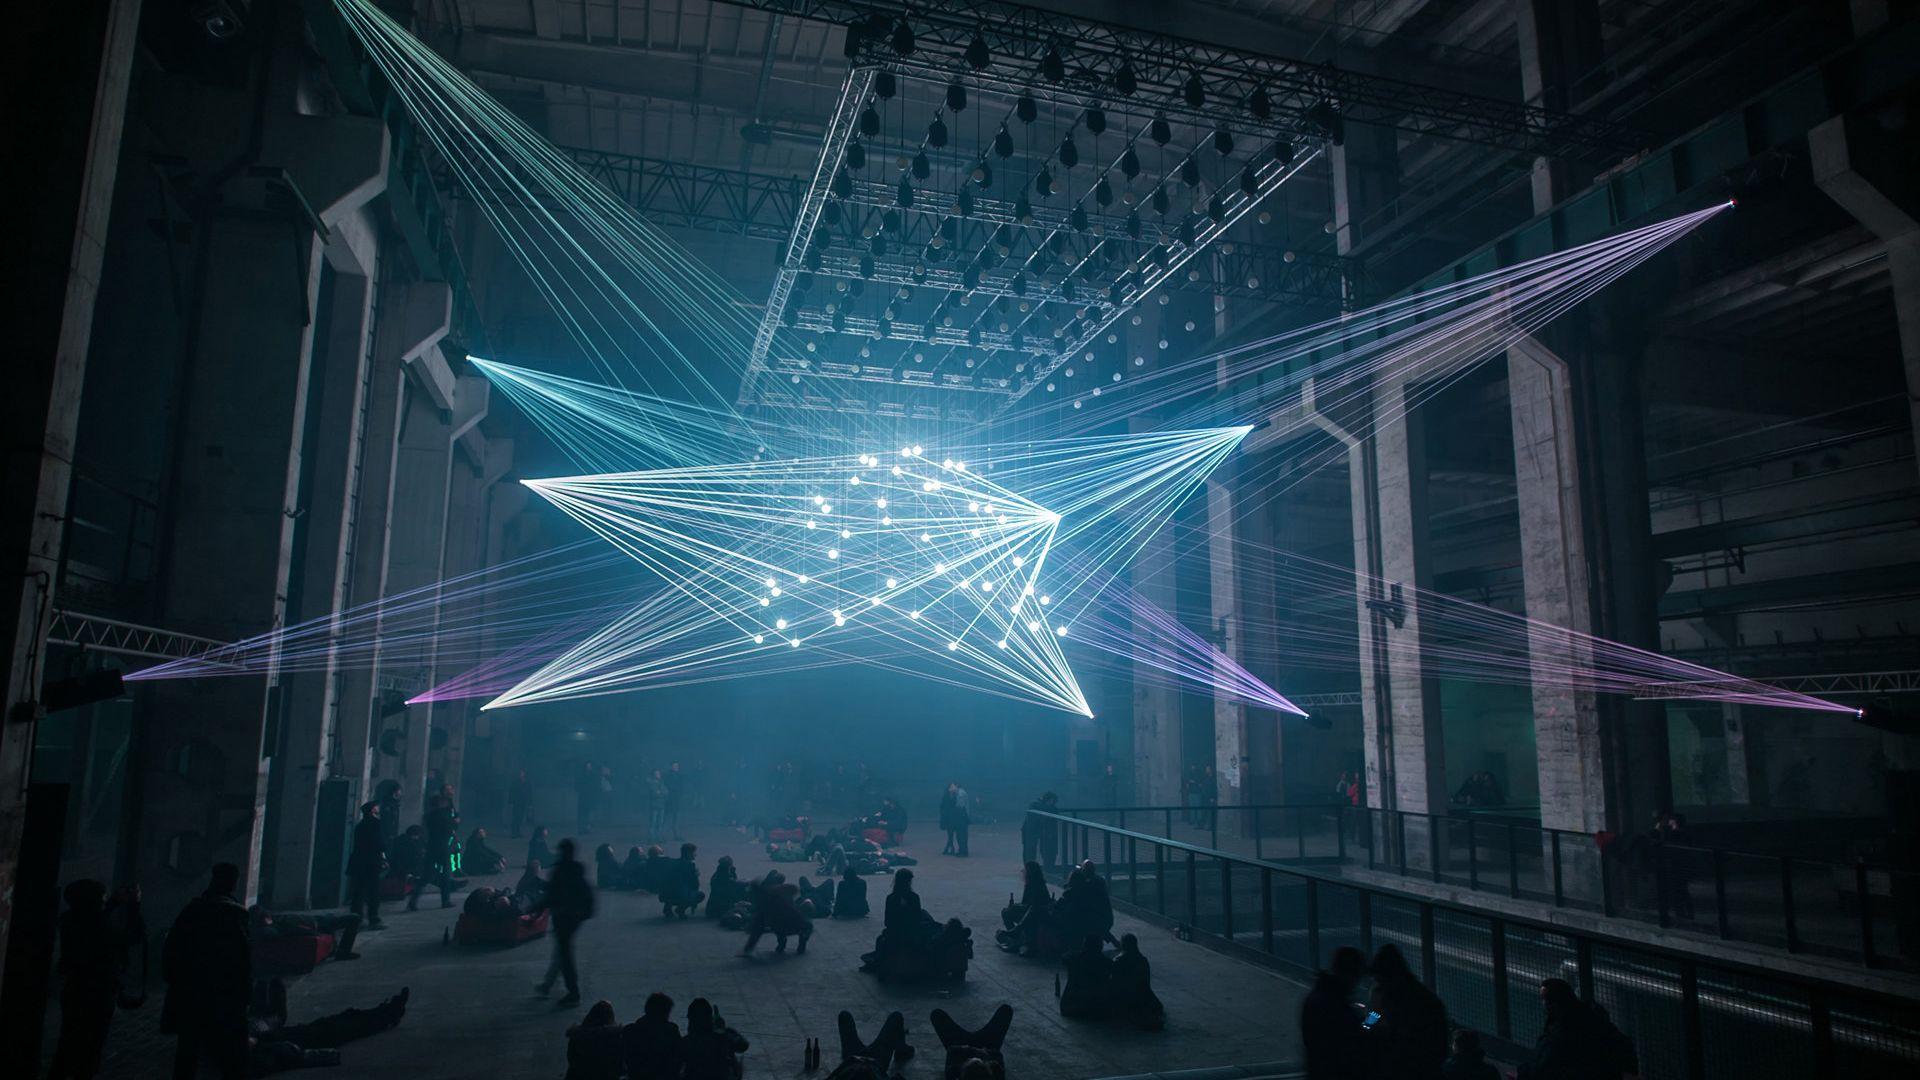 Erschaffen von Lichtkünstler Christopher Bauder und Komponist und Musiker Robert Henke